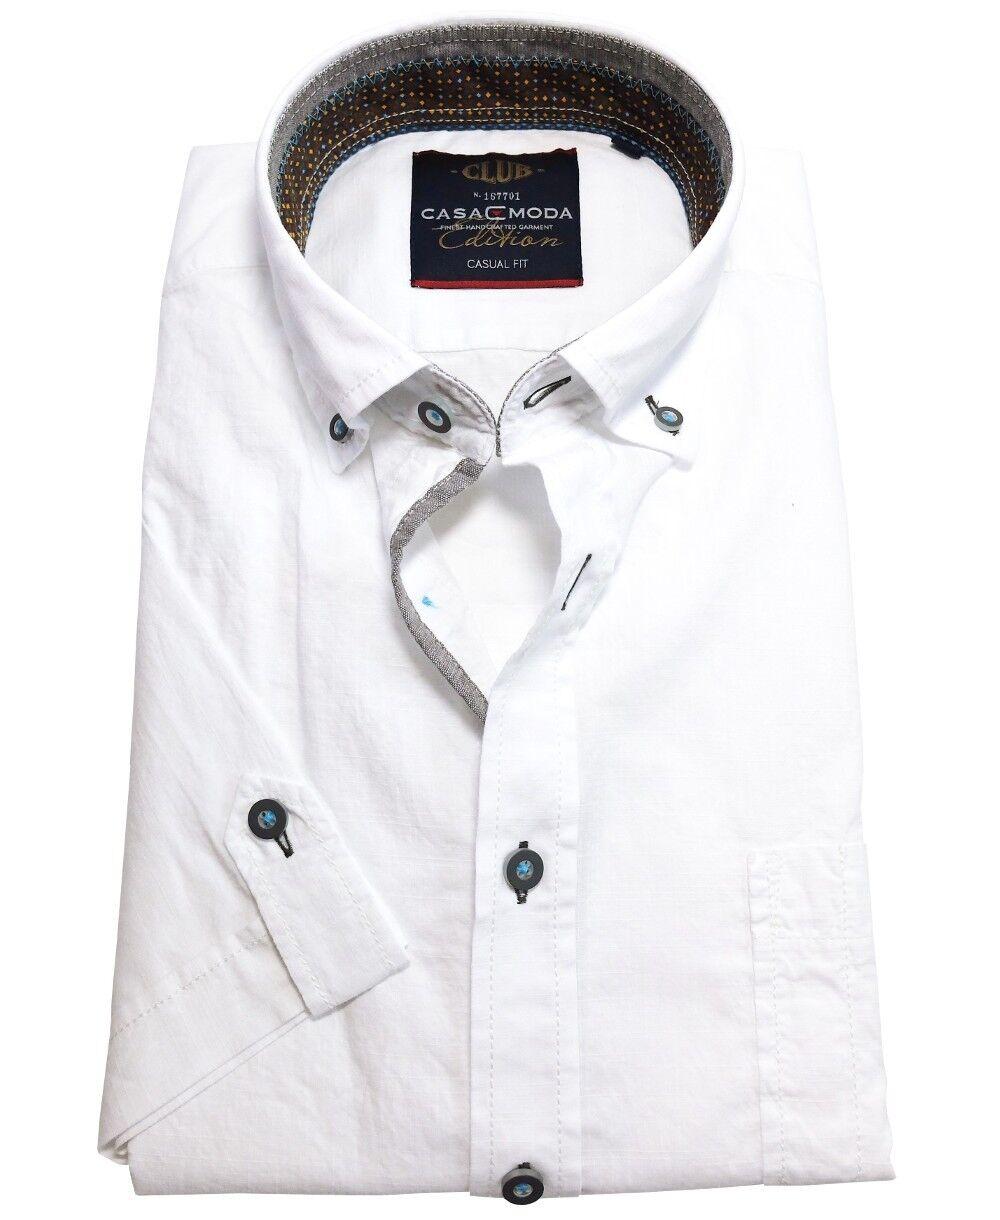 Casa Moda Décontracté Fit Haut Poitrine Sac en Blanc révèlent Taille M à 7xl